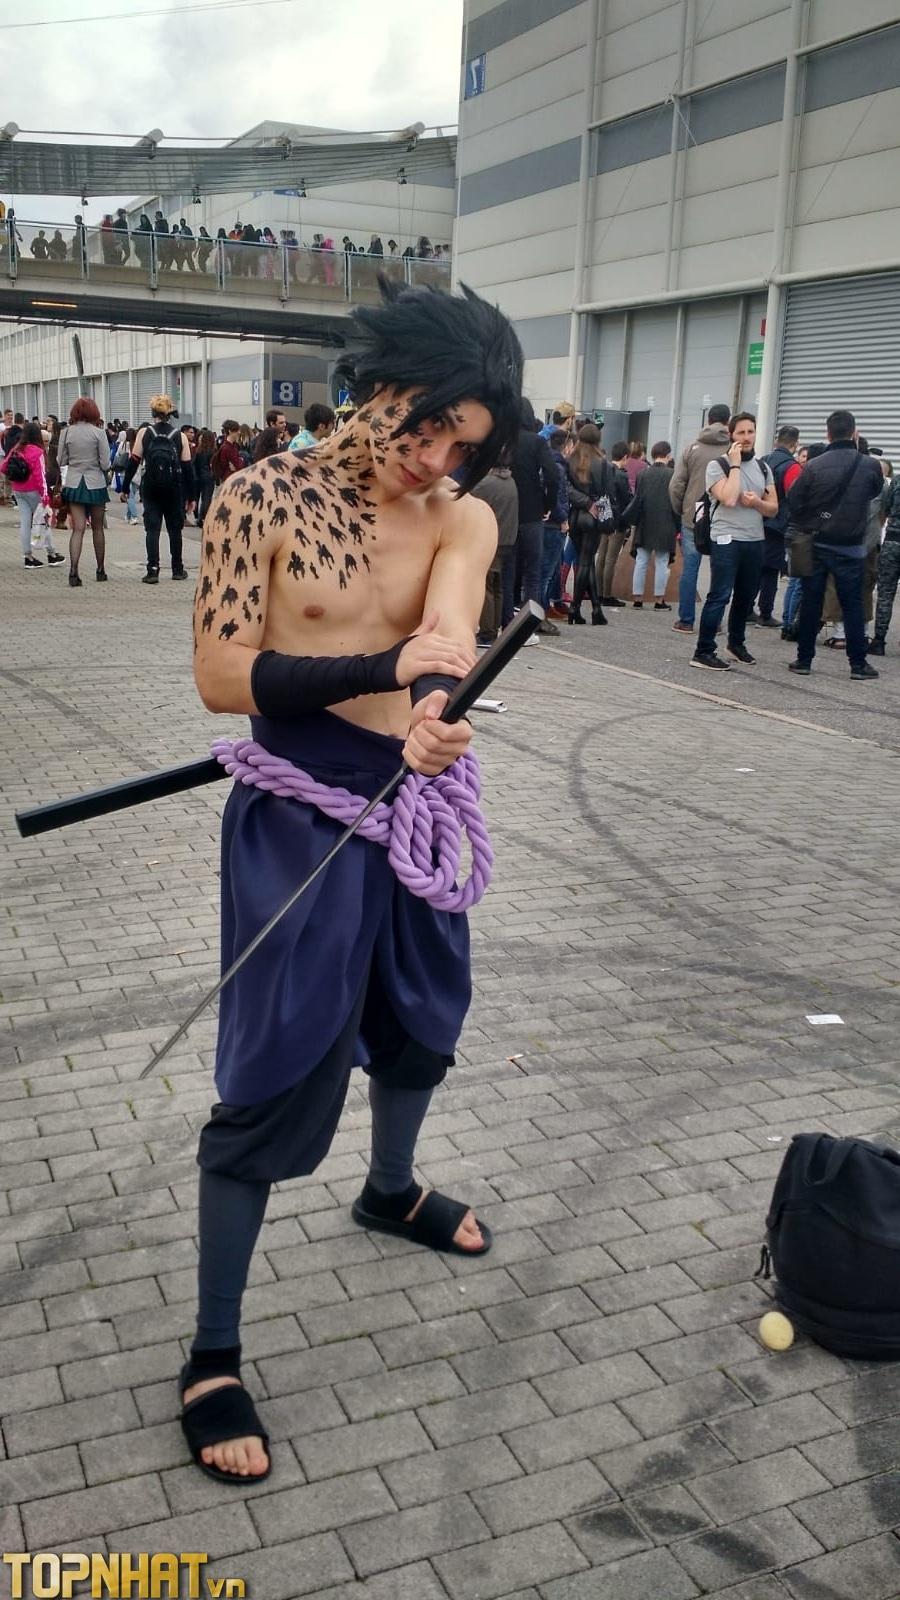 Cosplay Uchiha Sasuke Shippuden - Ảnh 12